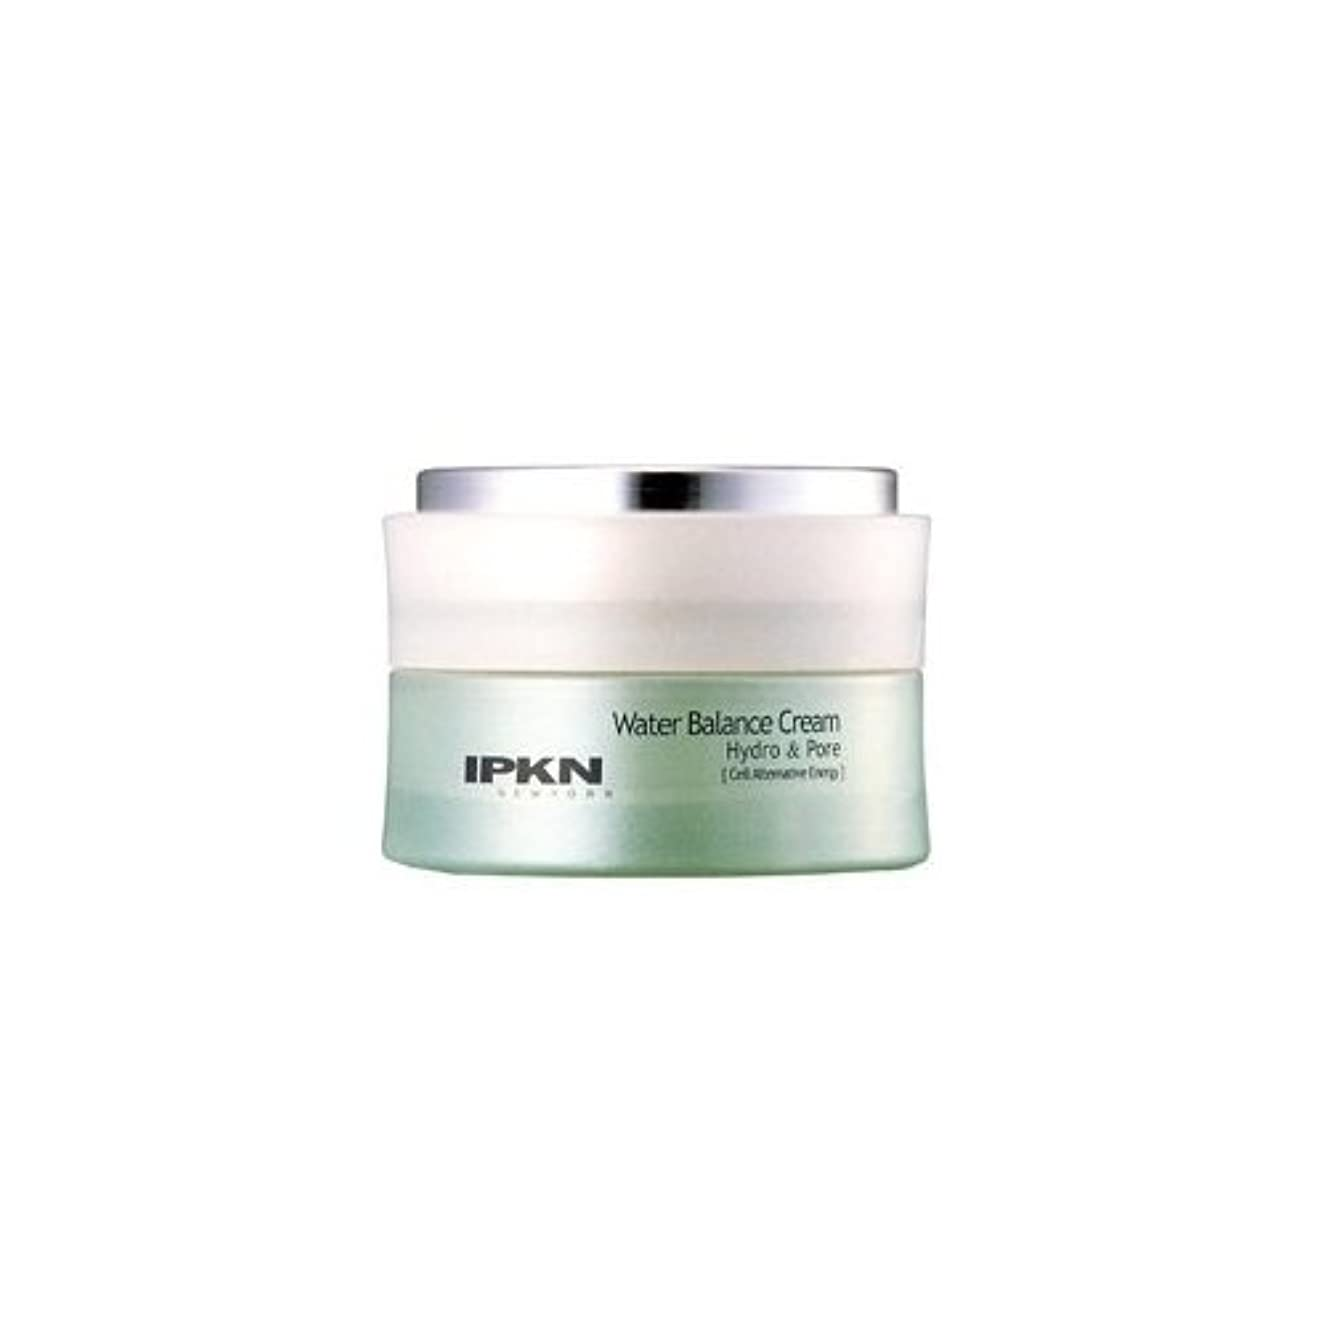 弱まるポータブル振動させるHydro & Pore Water Balance Cream (50g)